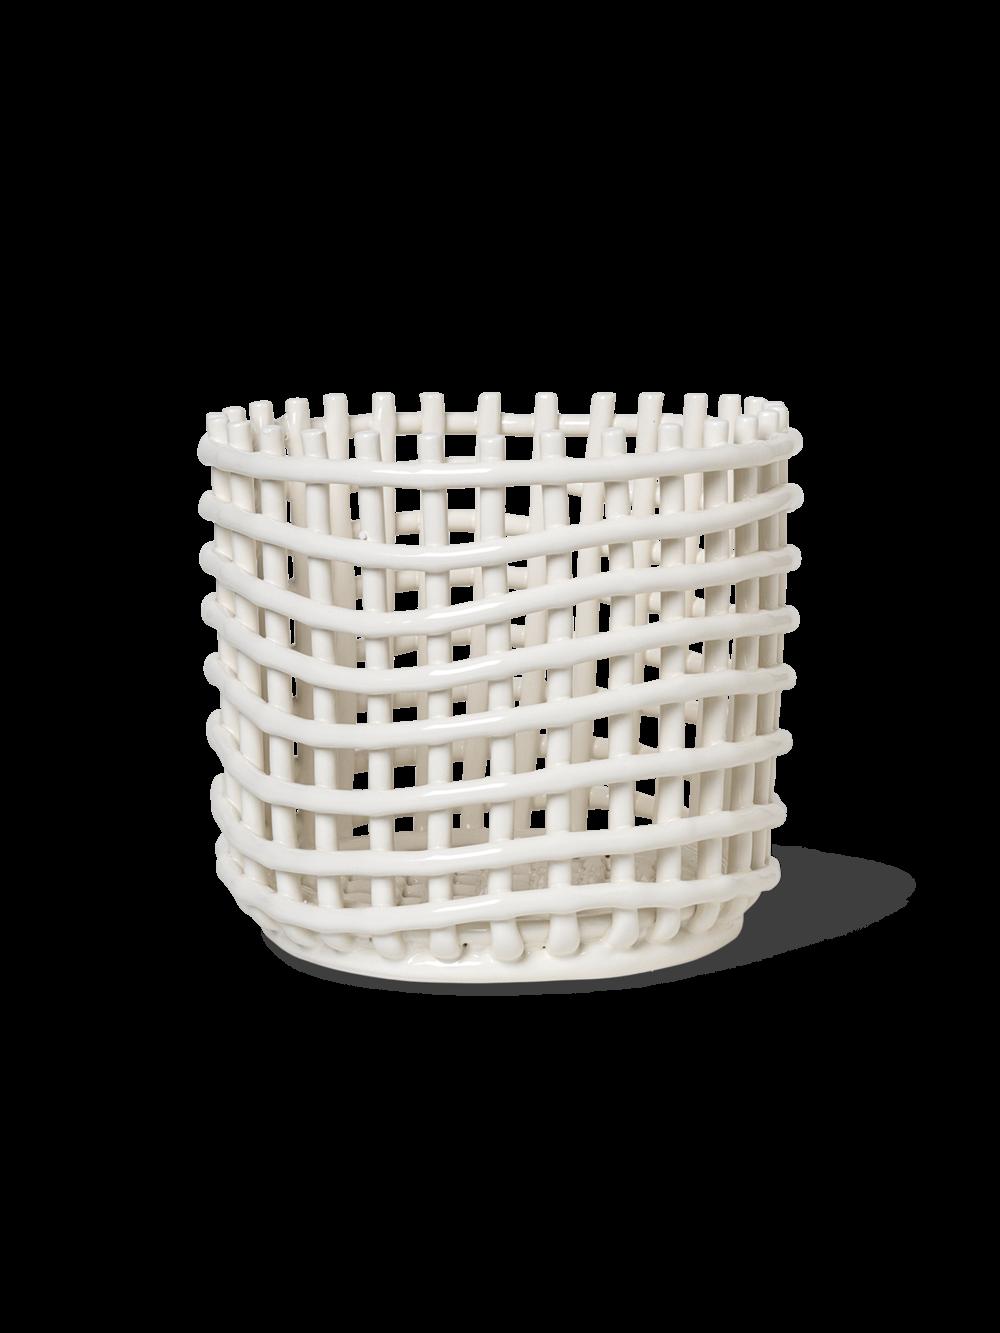 ferm living Keramik Korb large